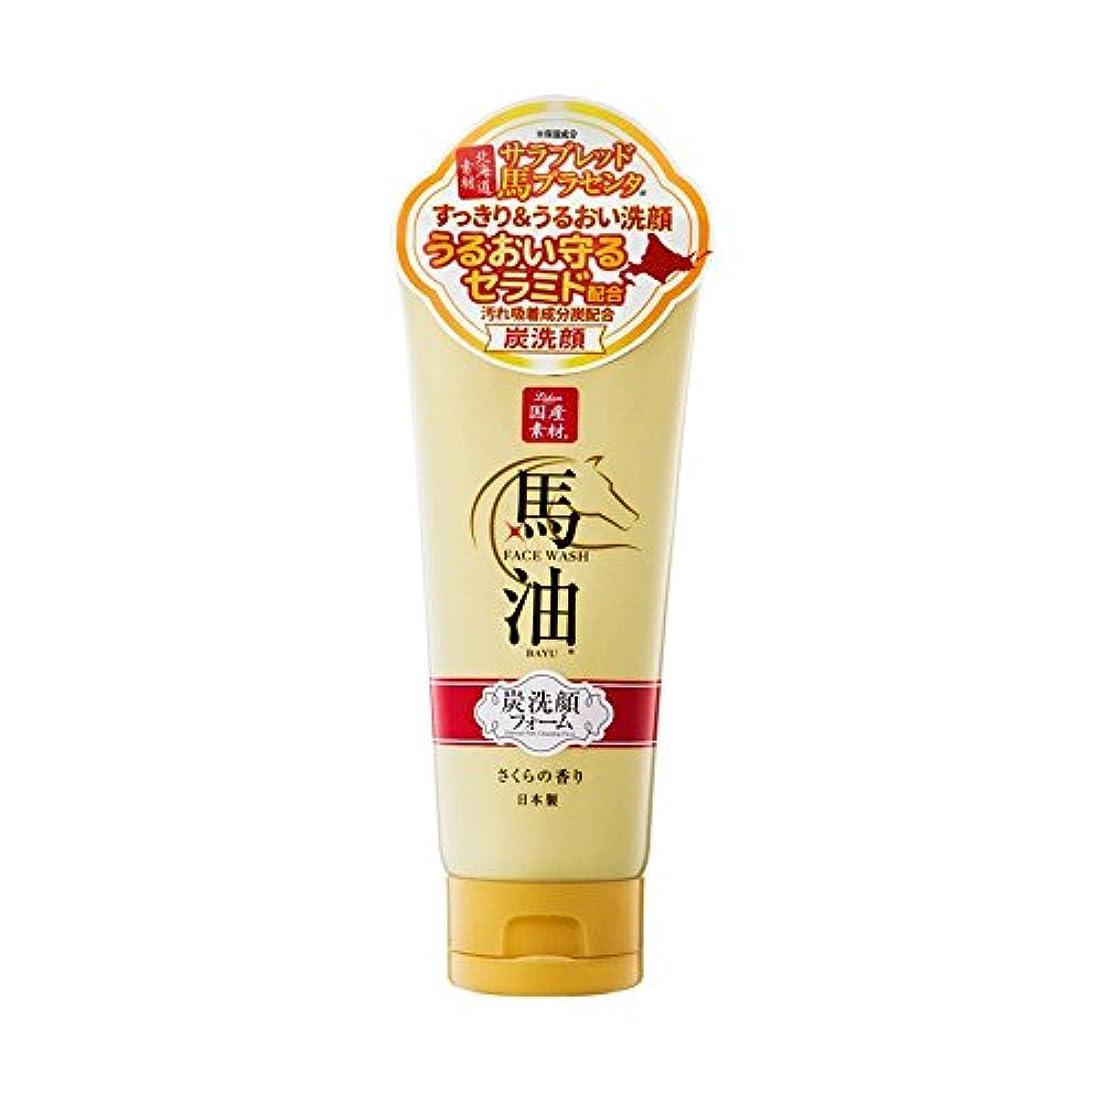 今晩麻痺ブリリアントリシャン 馬油&炭洗顔フォーム(さくらの香り)(内容量130g)